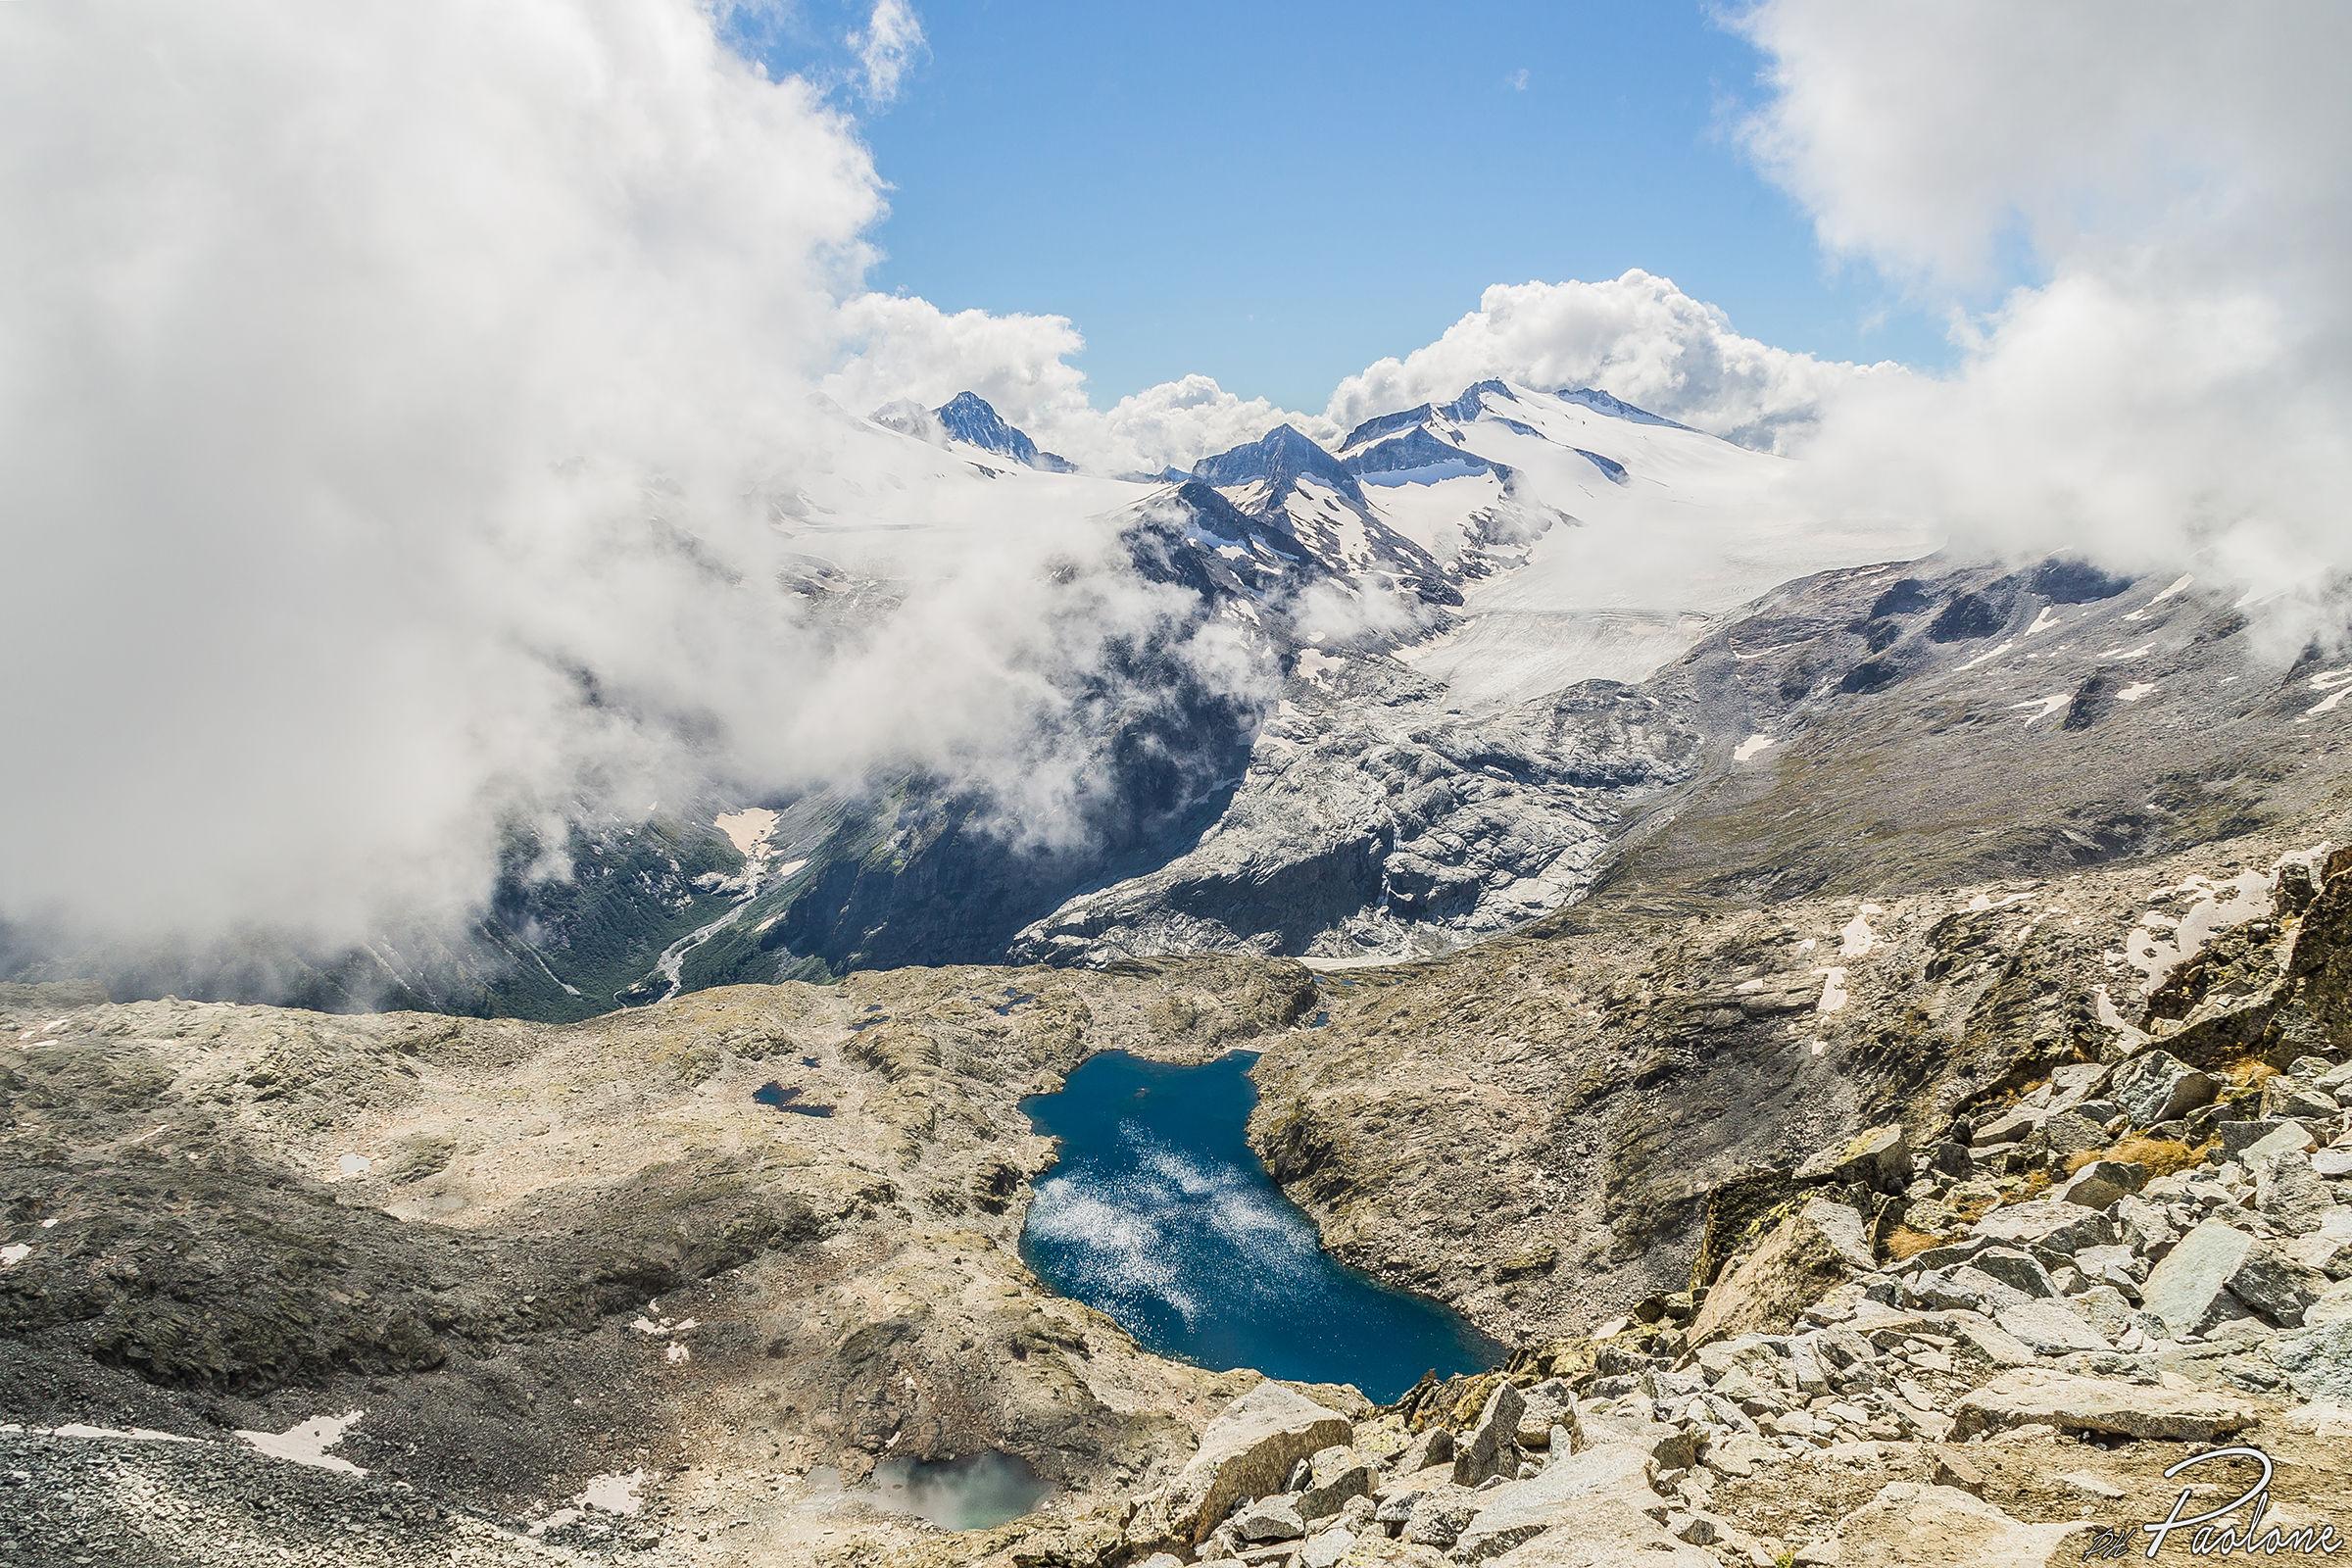 The retreat of the glacier...